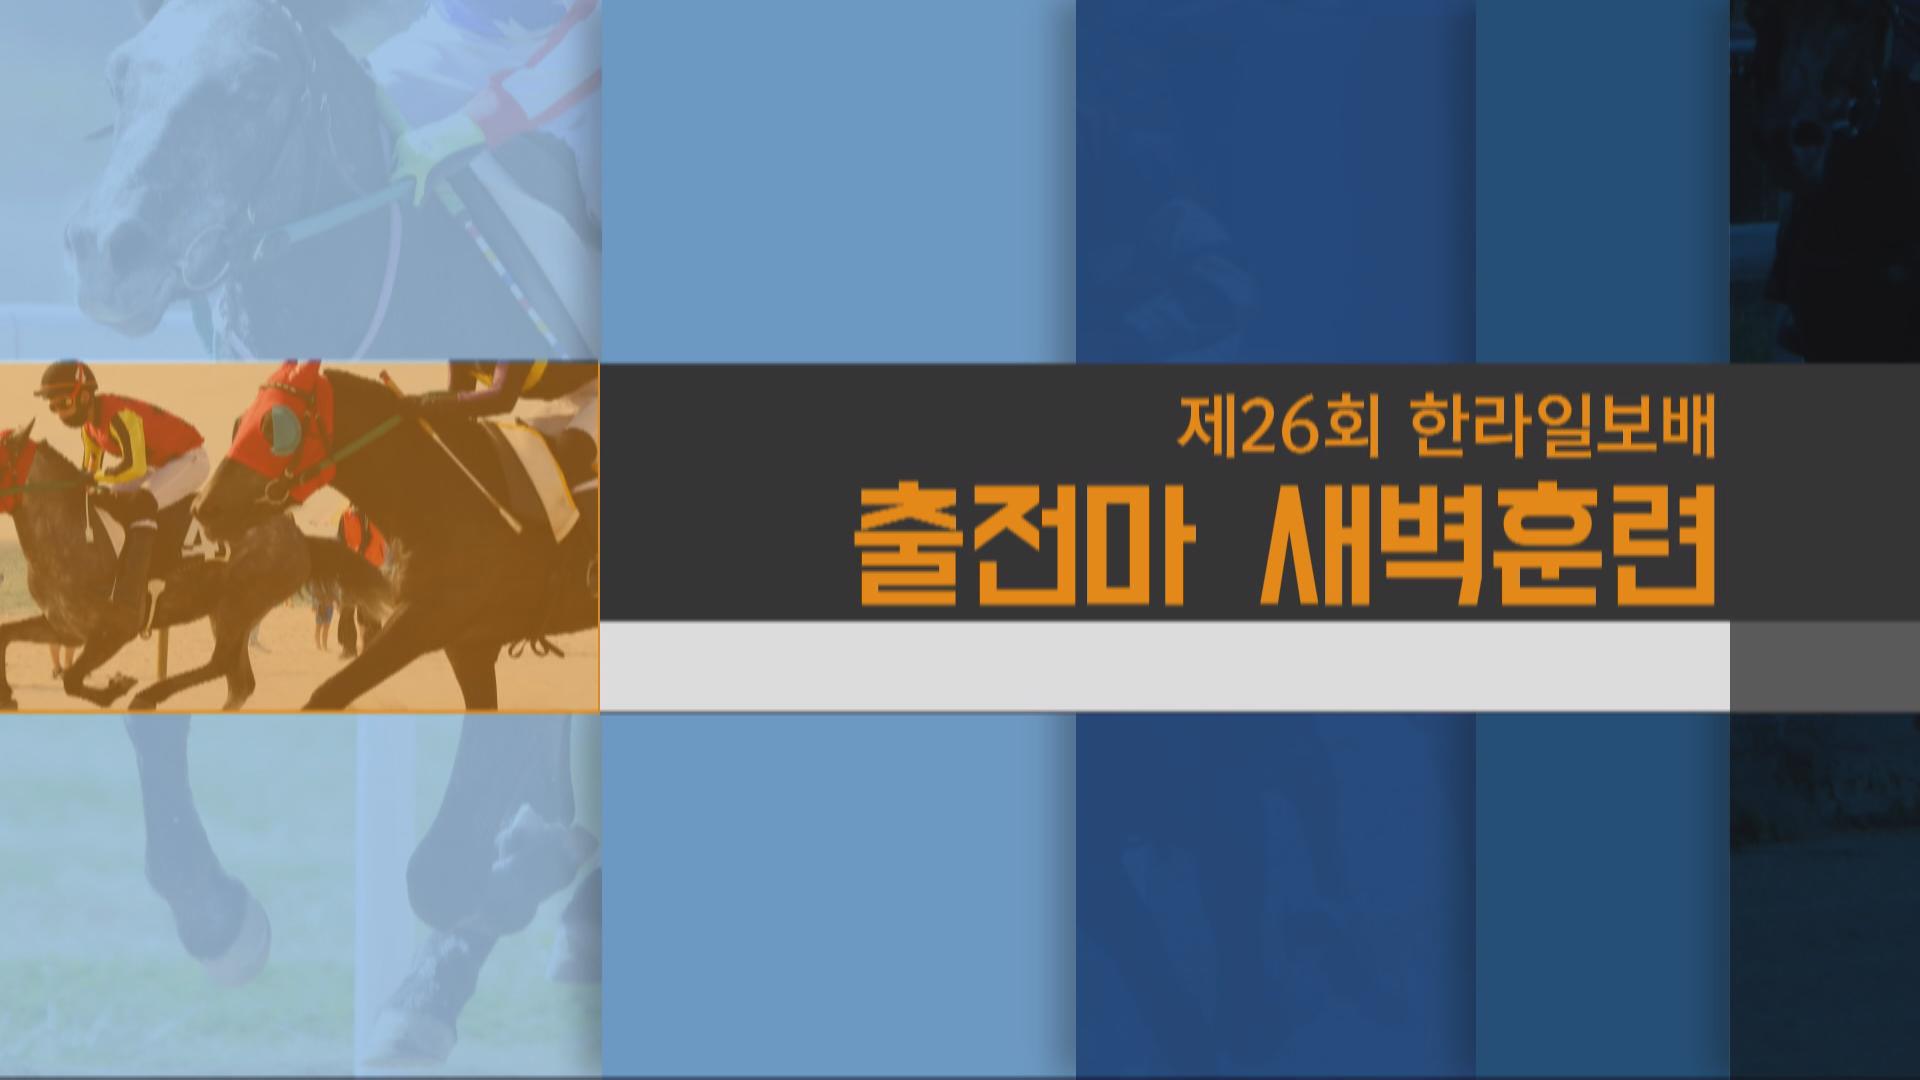 [제주]제 26회 한라일보배 새벽훈련&인터뷰 썸네일 이미지